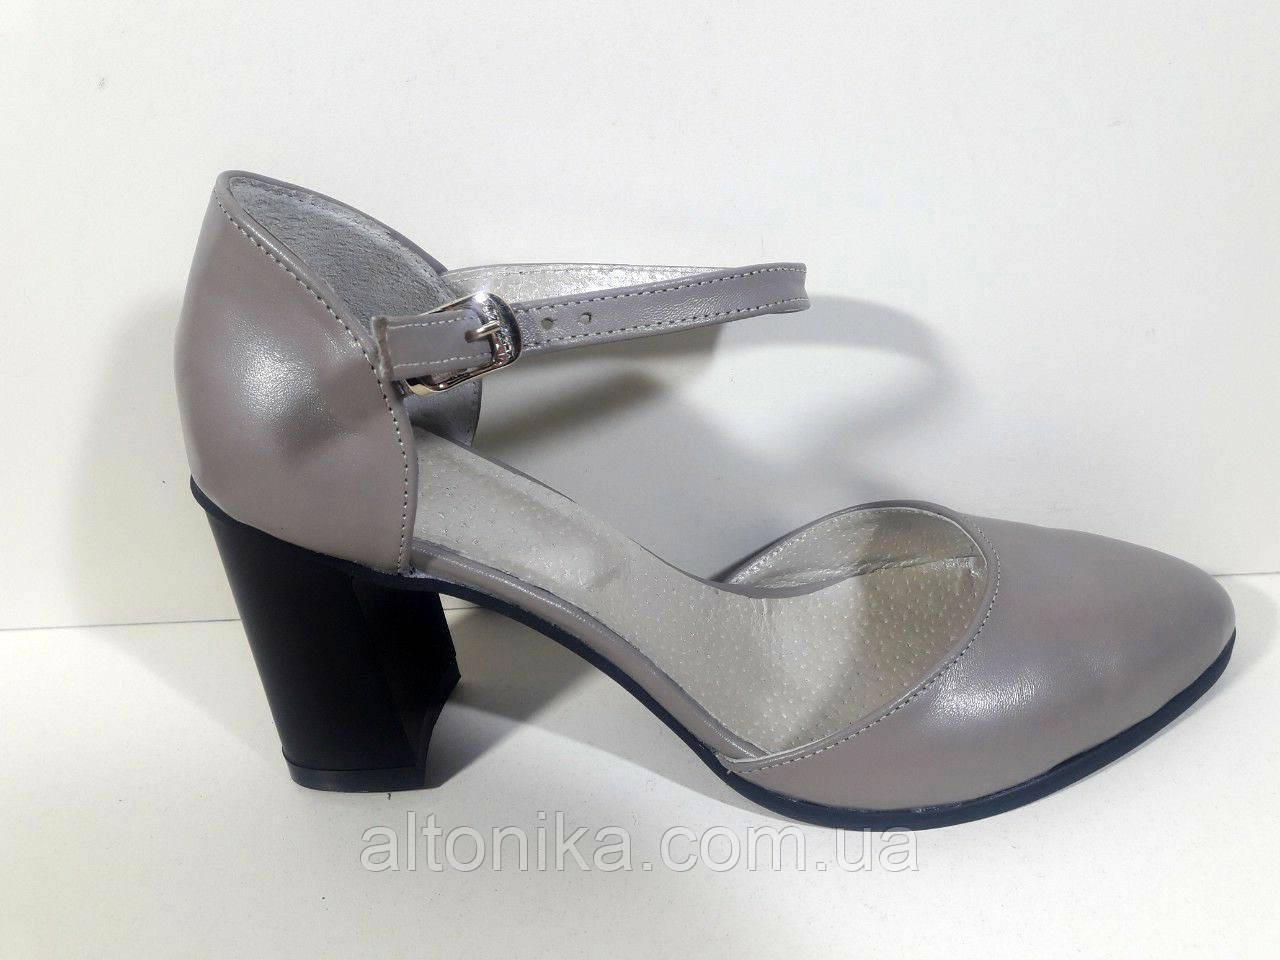 STTOPA Размеры 33-44. Туфли кожаные больших размеров. Каблук 8 см. С7-16-3344-85